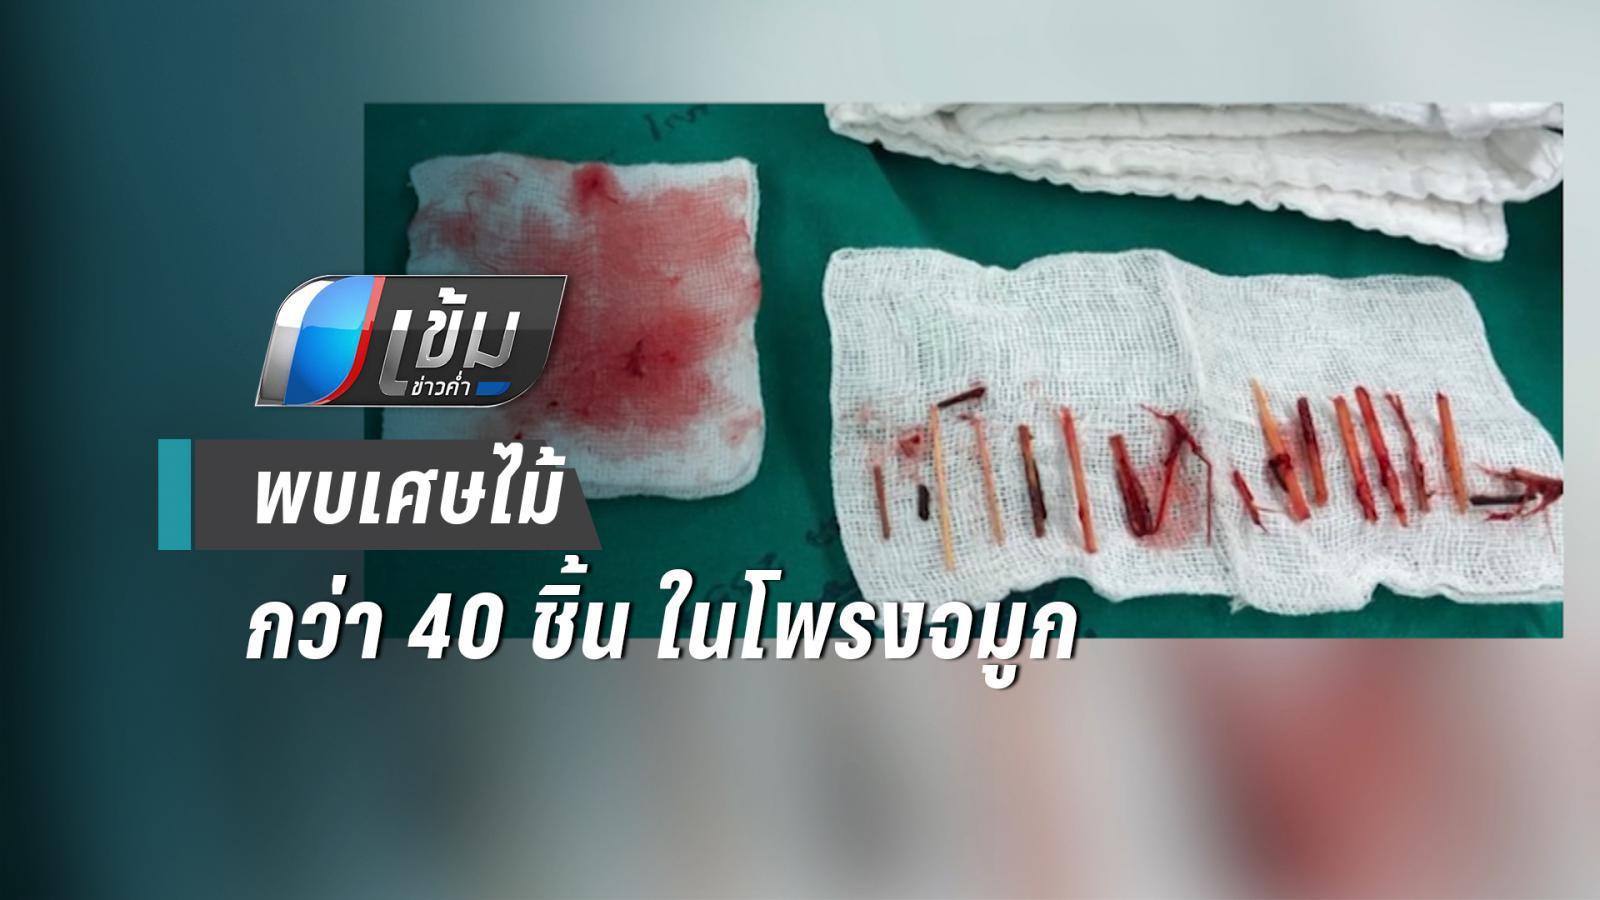 แพทย์ผ่าช่วยชีวิตชายลมหายใจเหม็น พบเศษไม้ในโพรงจมูกกว่า 40 ชิ้น